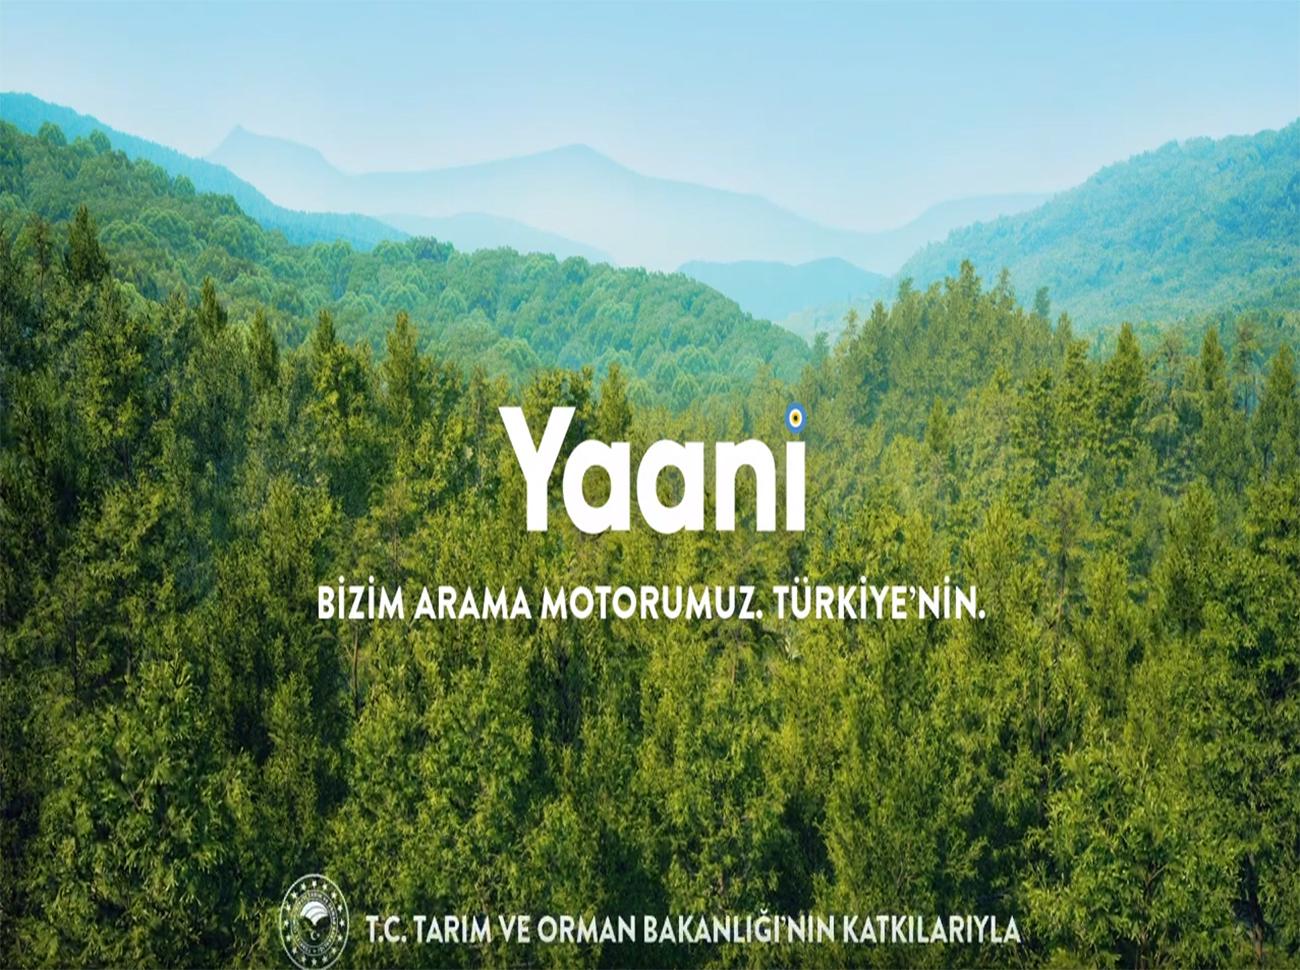 Yaani'de Yapılan Aramalar Ağaca Dönüşüyor